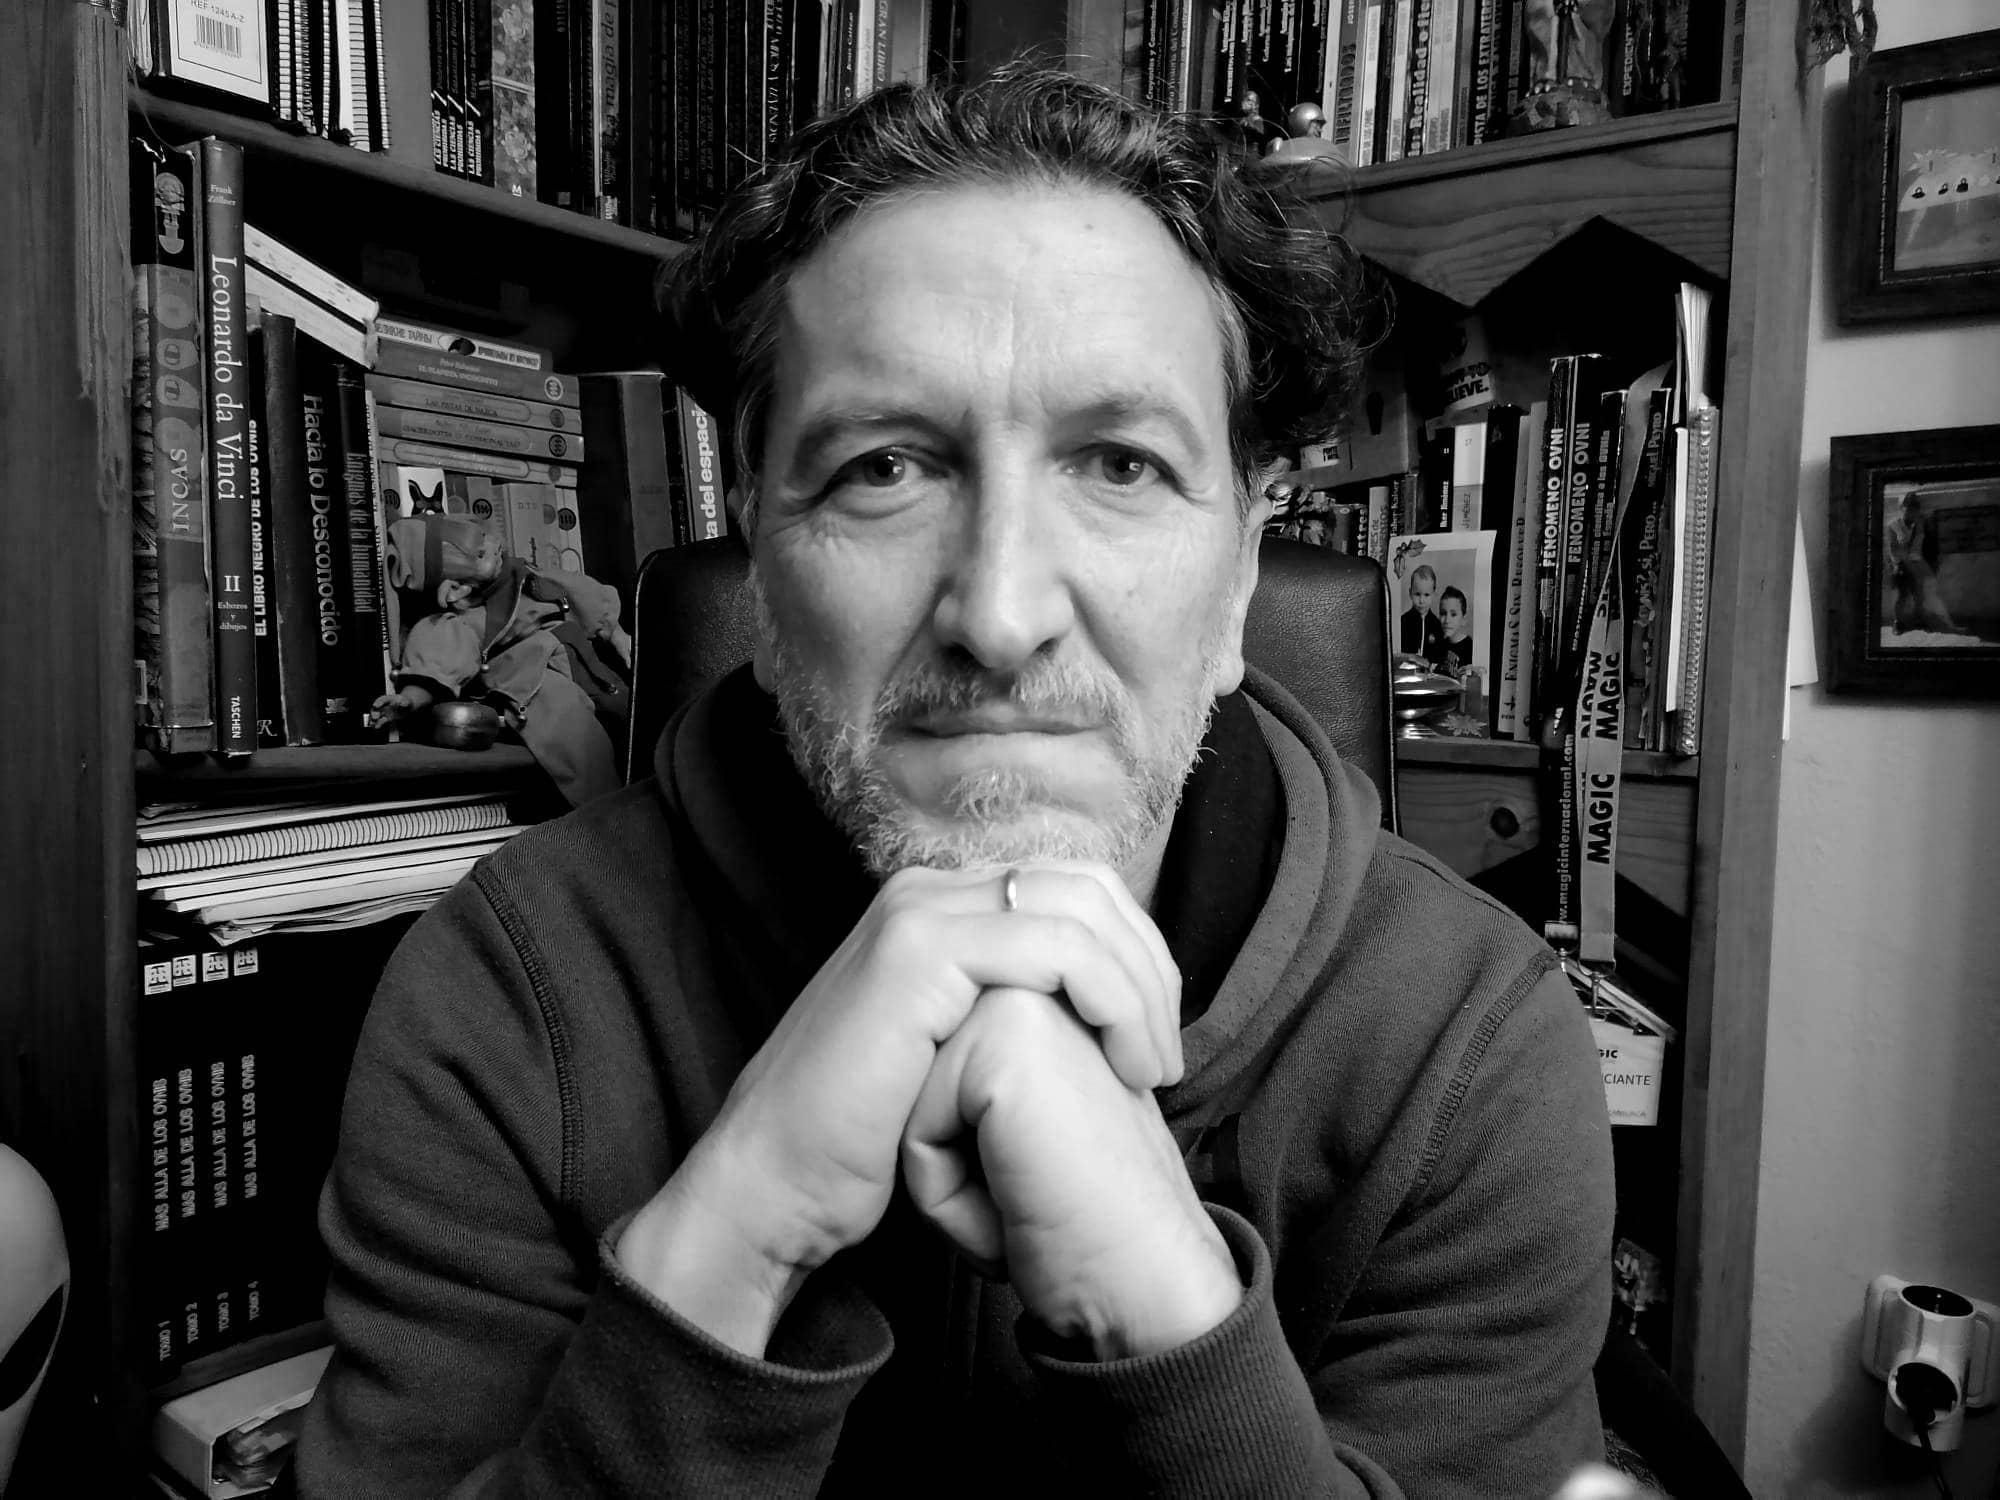 """Conoce a José Antonio Caravaca Fernández y su obra más reciente """"ICA: La increíble historia de un pasado que nunca existió"""""""